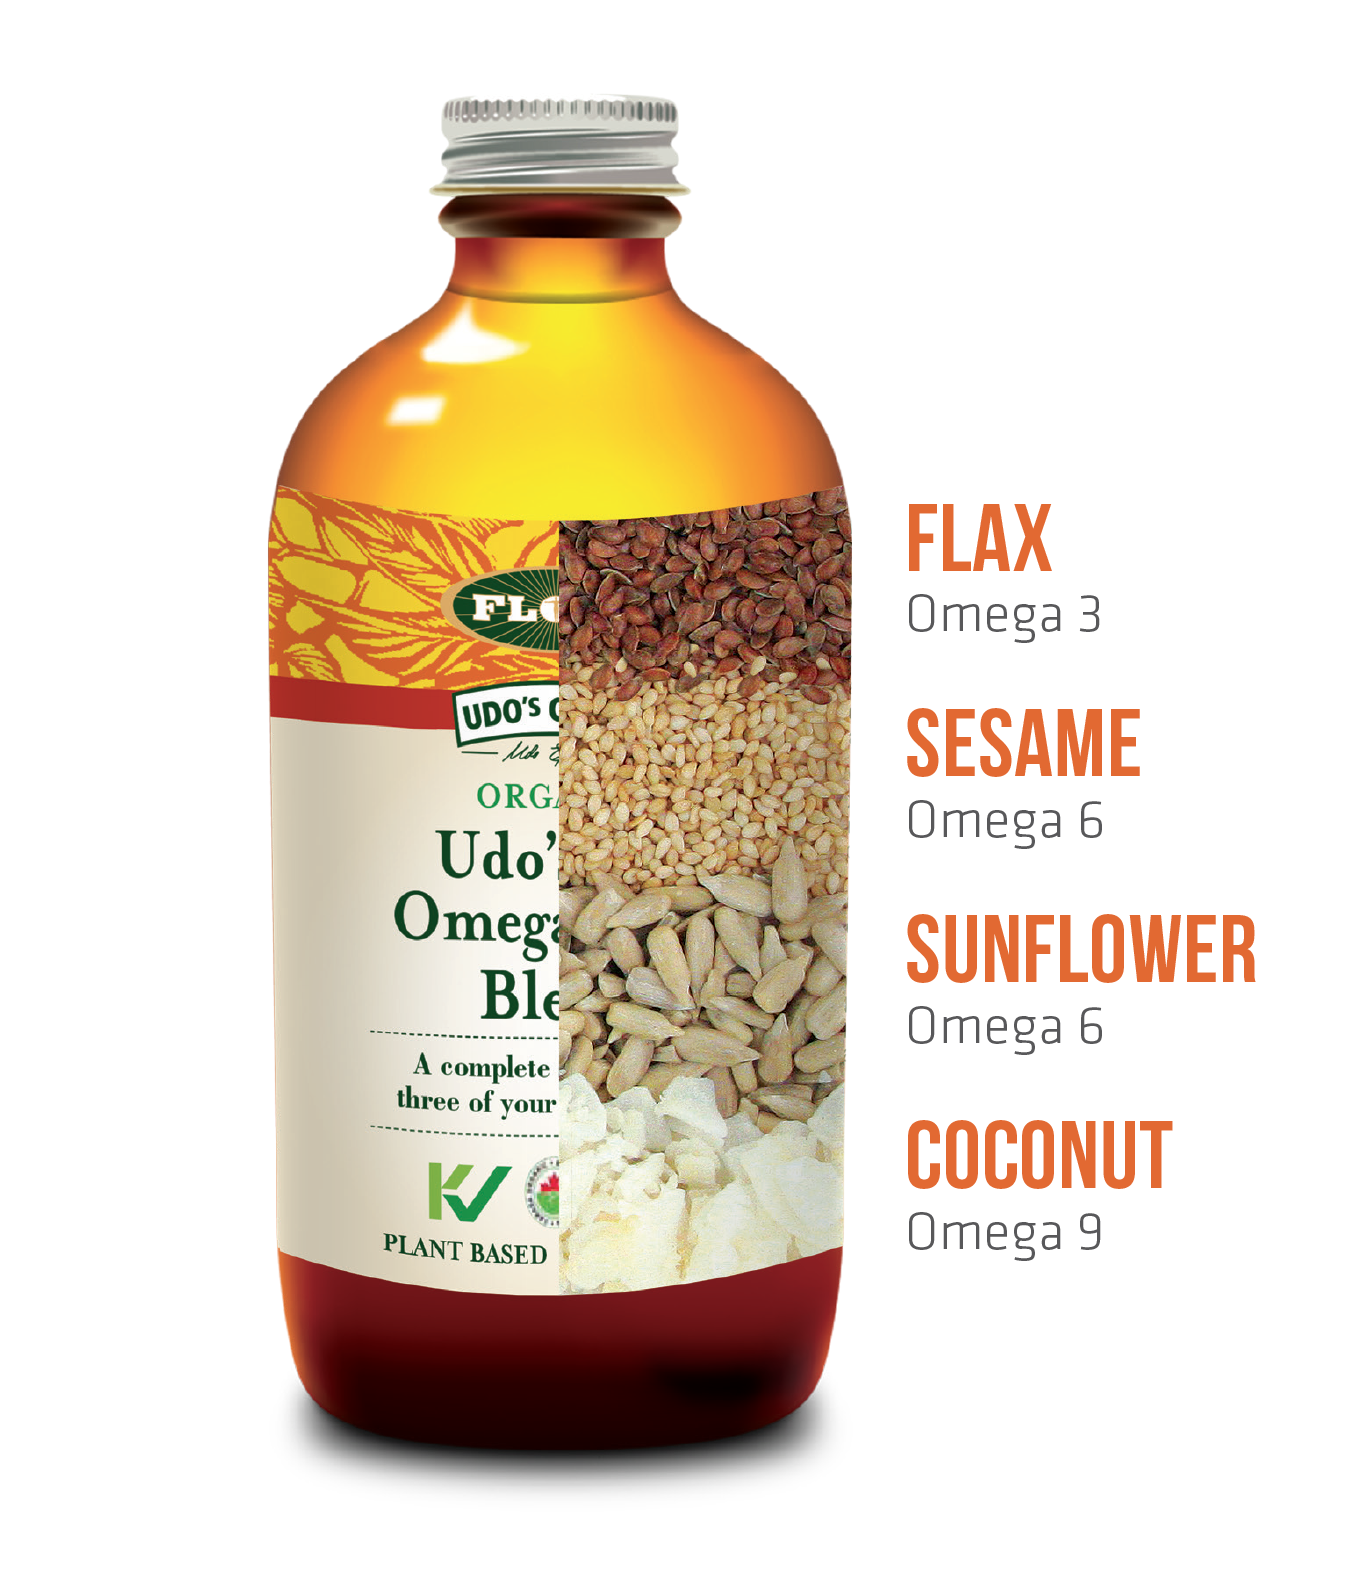 Udo's oil